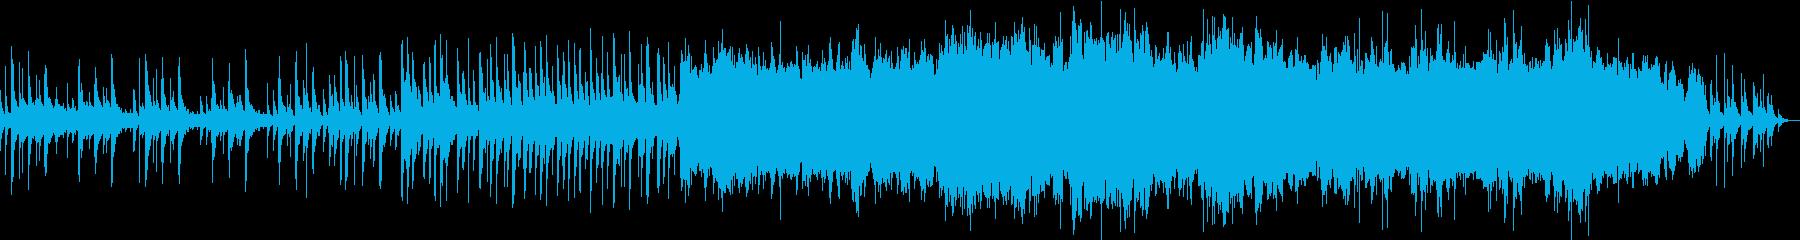 リュートでイタリア民謡:シチリアーナの再生済みの波形